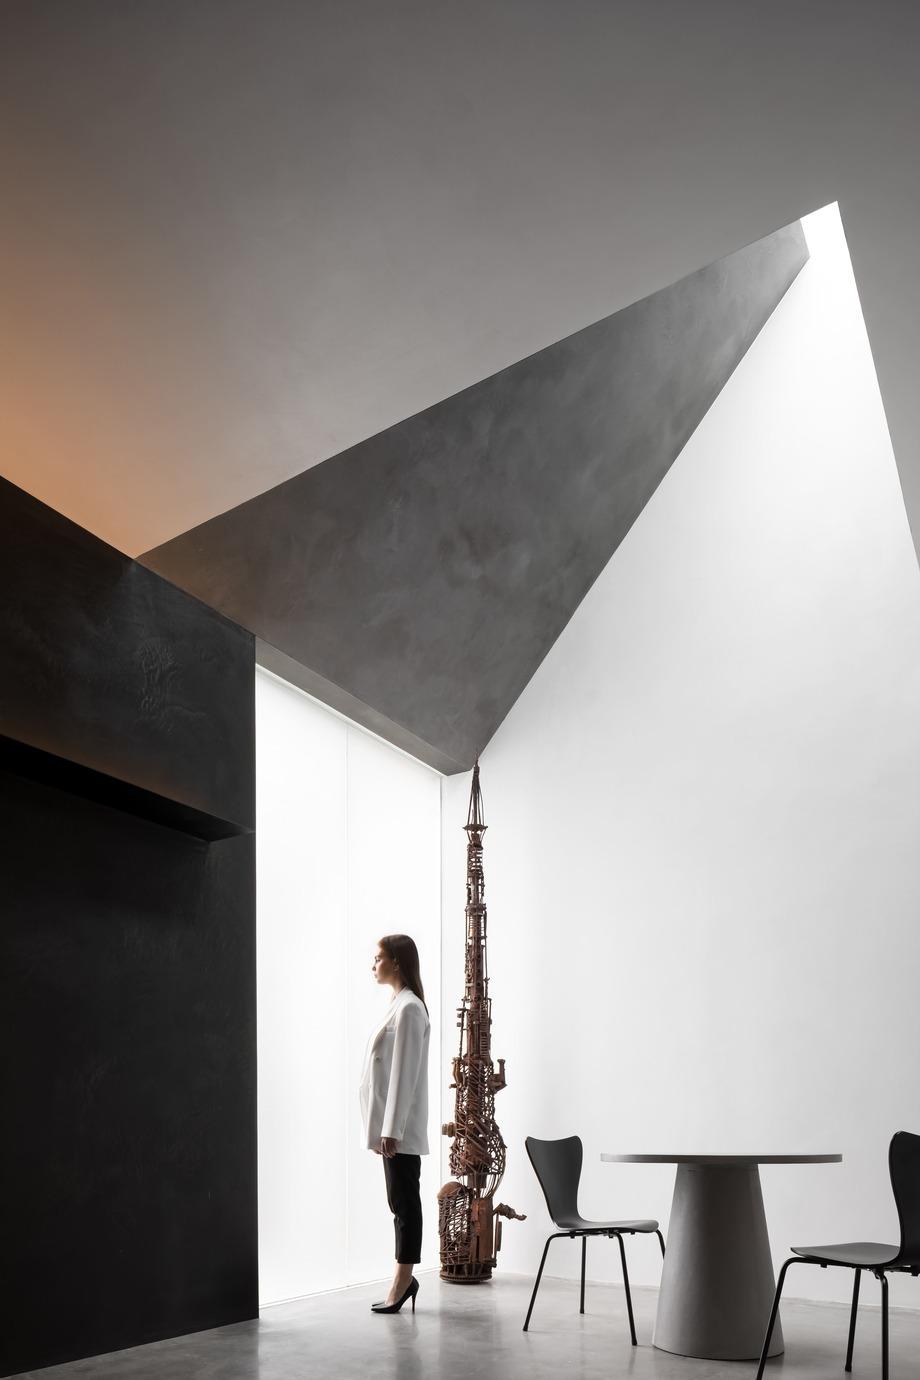 danilo paint showroom de jg phoenix (9) - foto ouyang yun